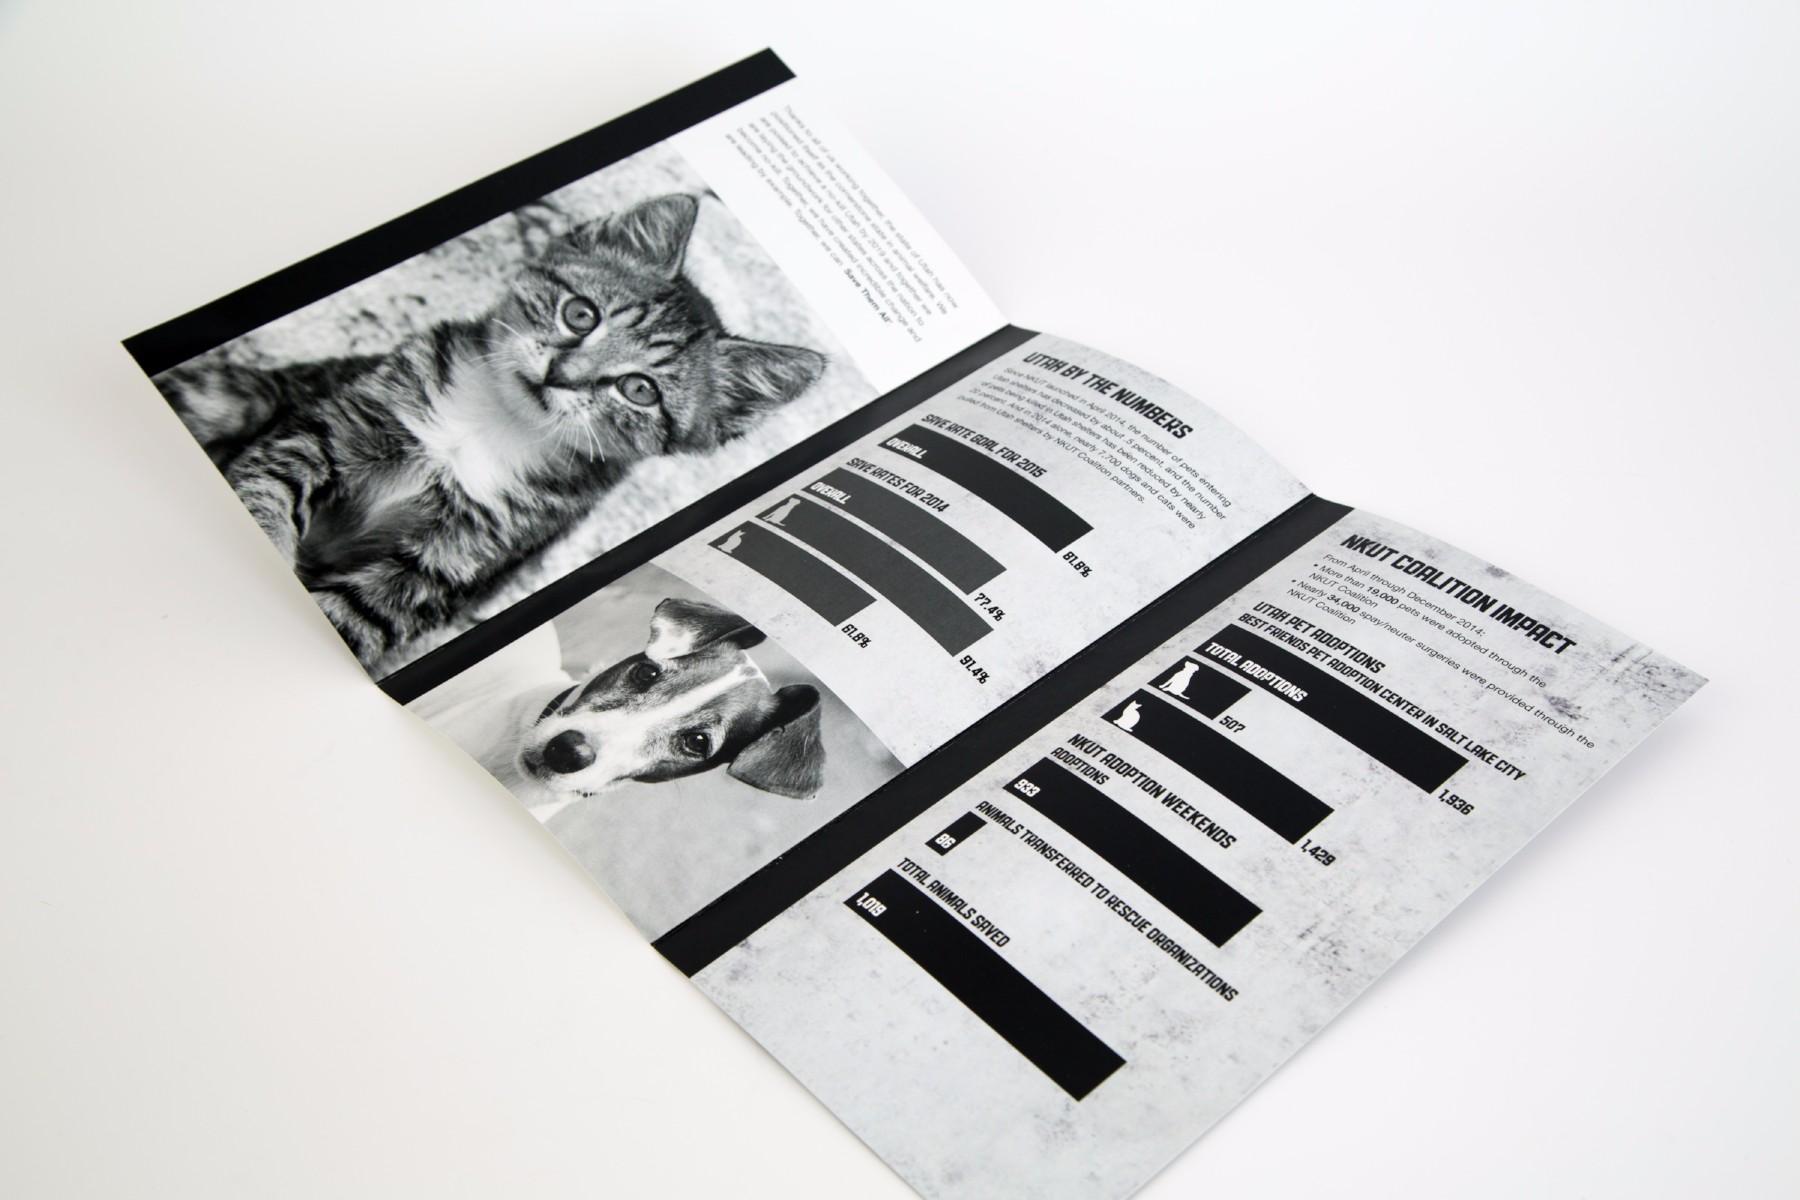 Printing Business in Salt Lake City | Presto Print